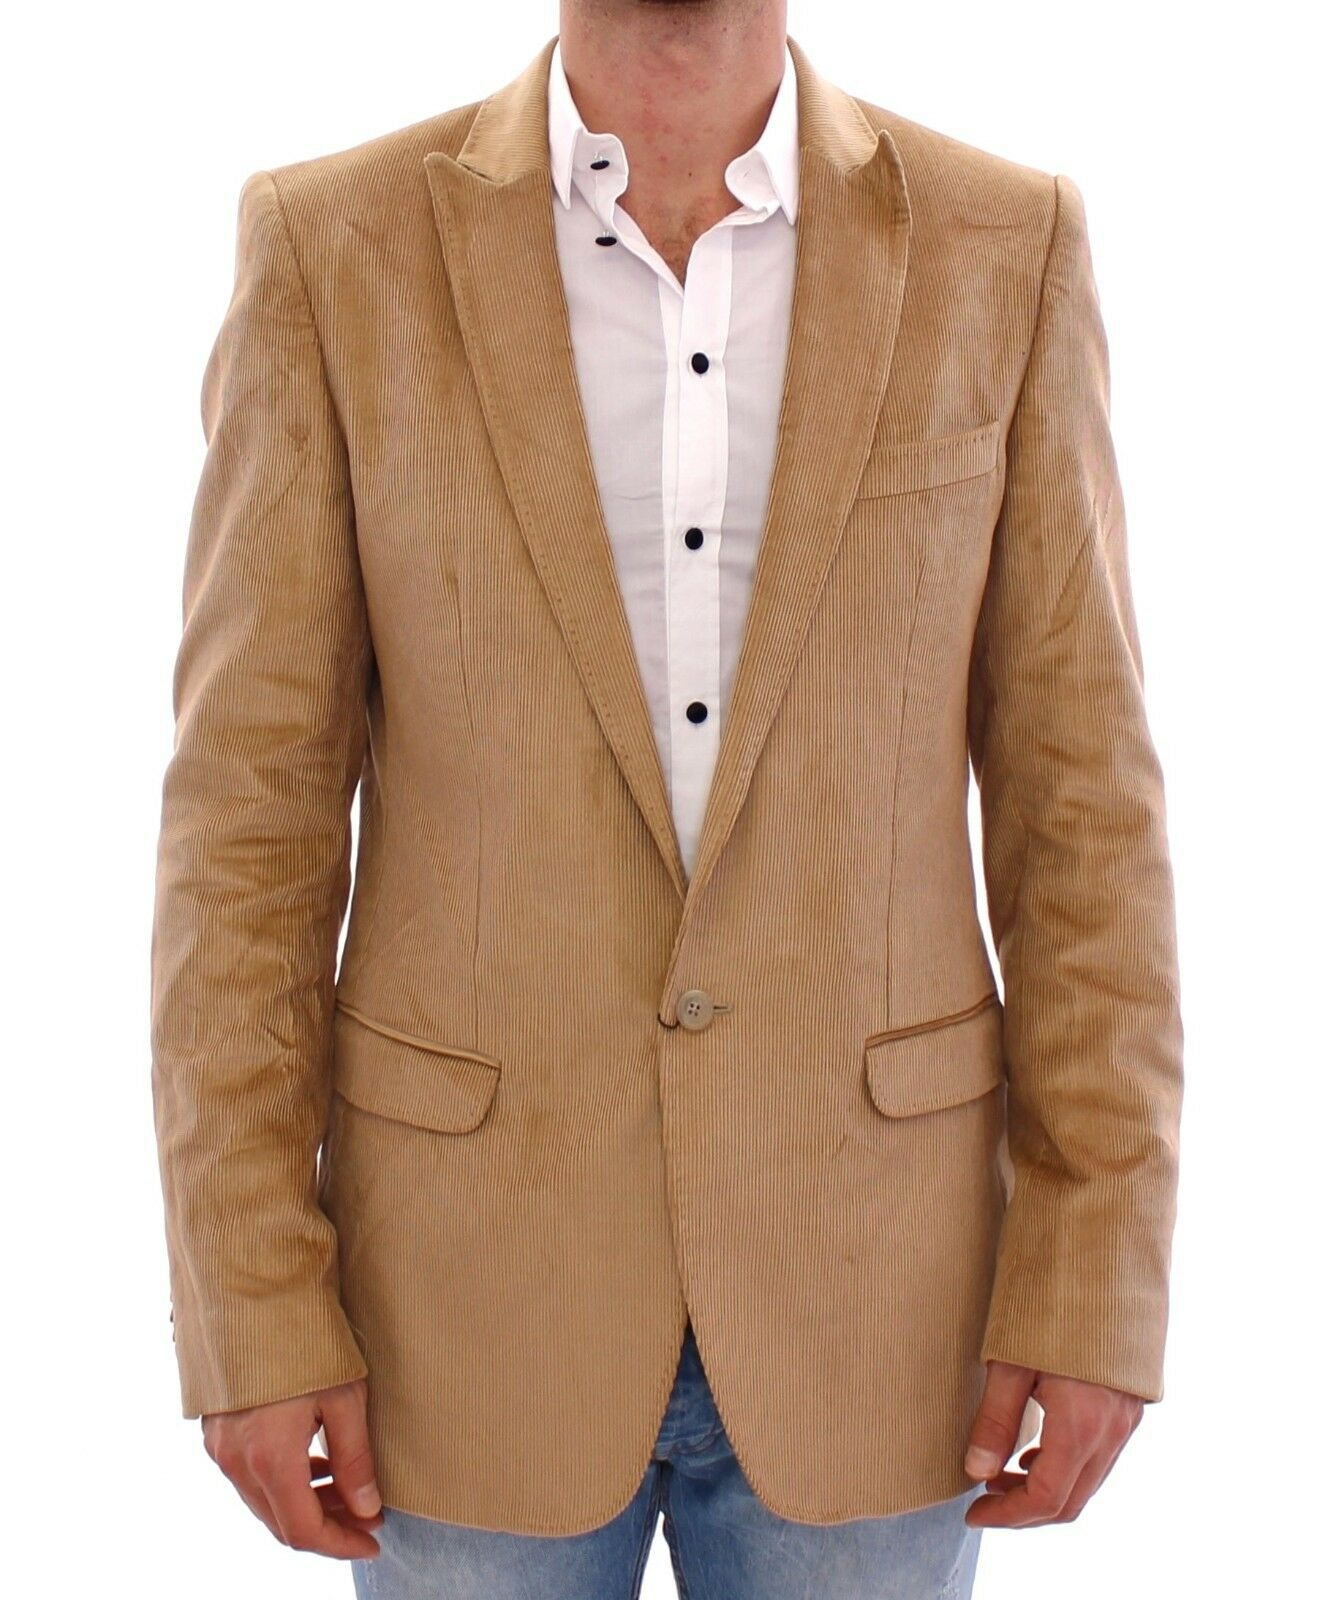 Nuova con Etichetta Dolce & Gabbana D&g Beige Manchester Giacca Cappotto Blazer